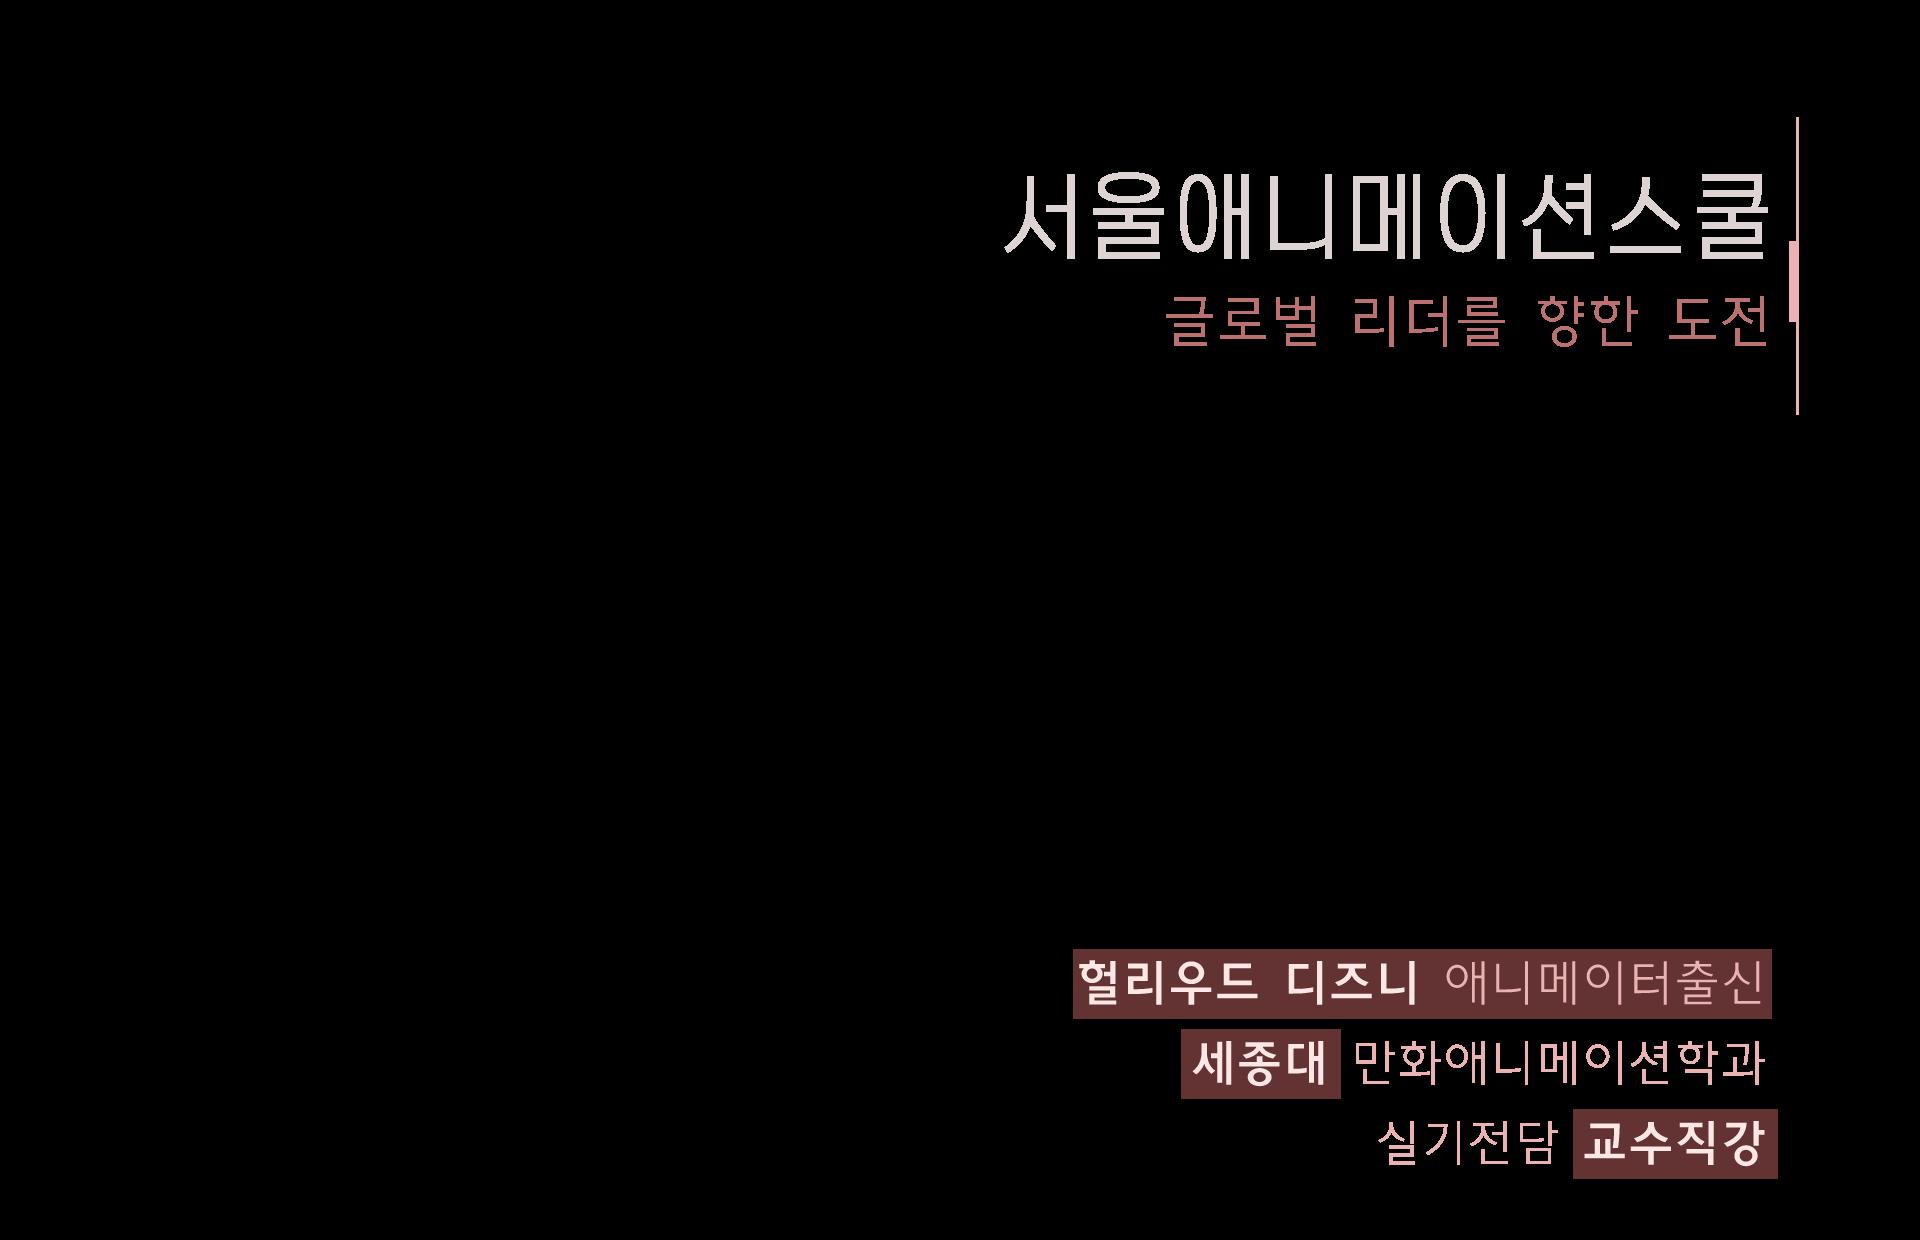 애니메이션반 서울애니메이션스쿨